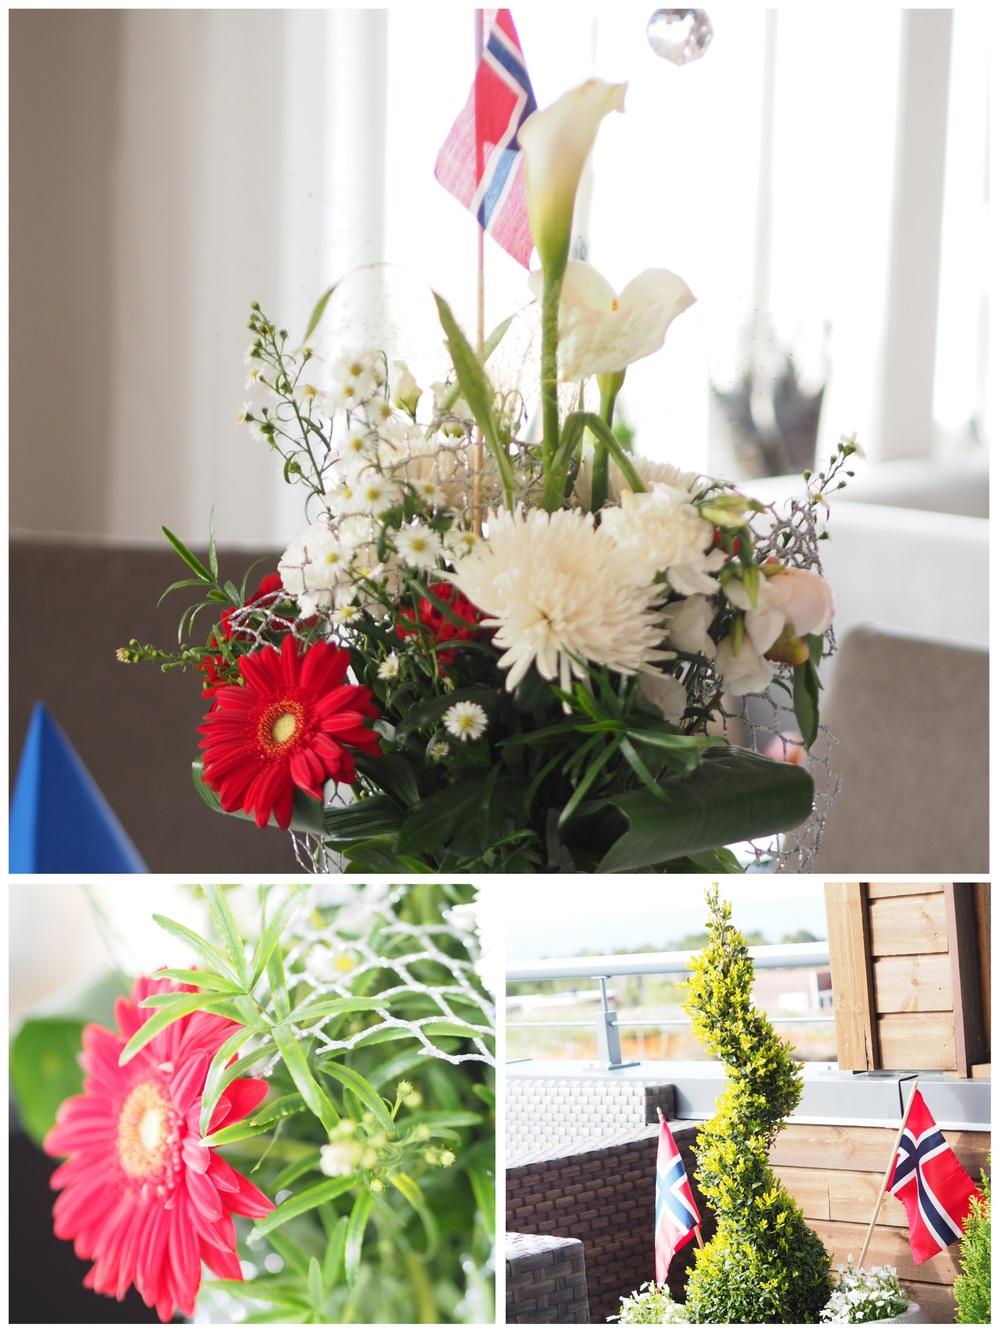 Blomsteroppsatsene for anledningen. Er det bare meg eller er flagget vårt utrolig fint sammen med buketter og grønt?